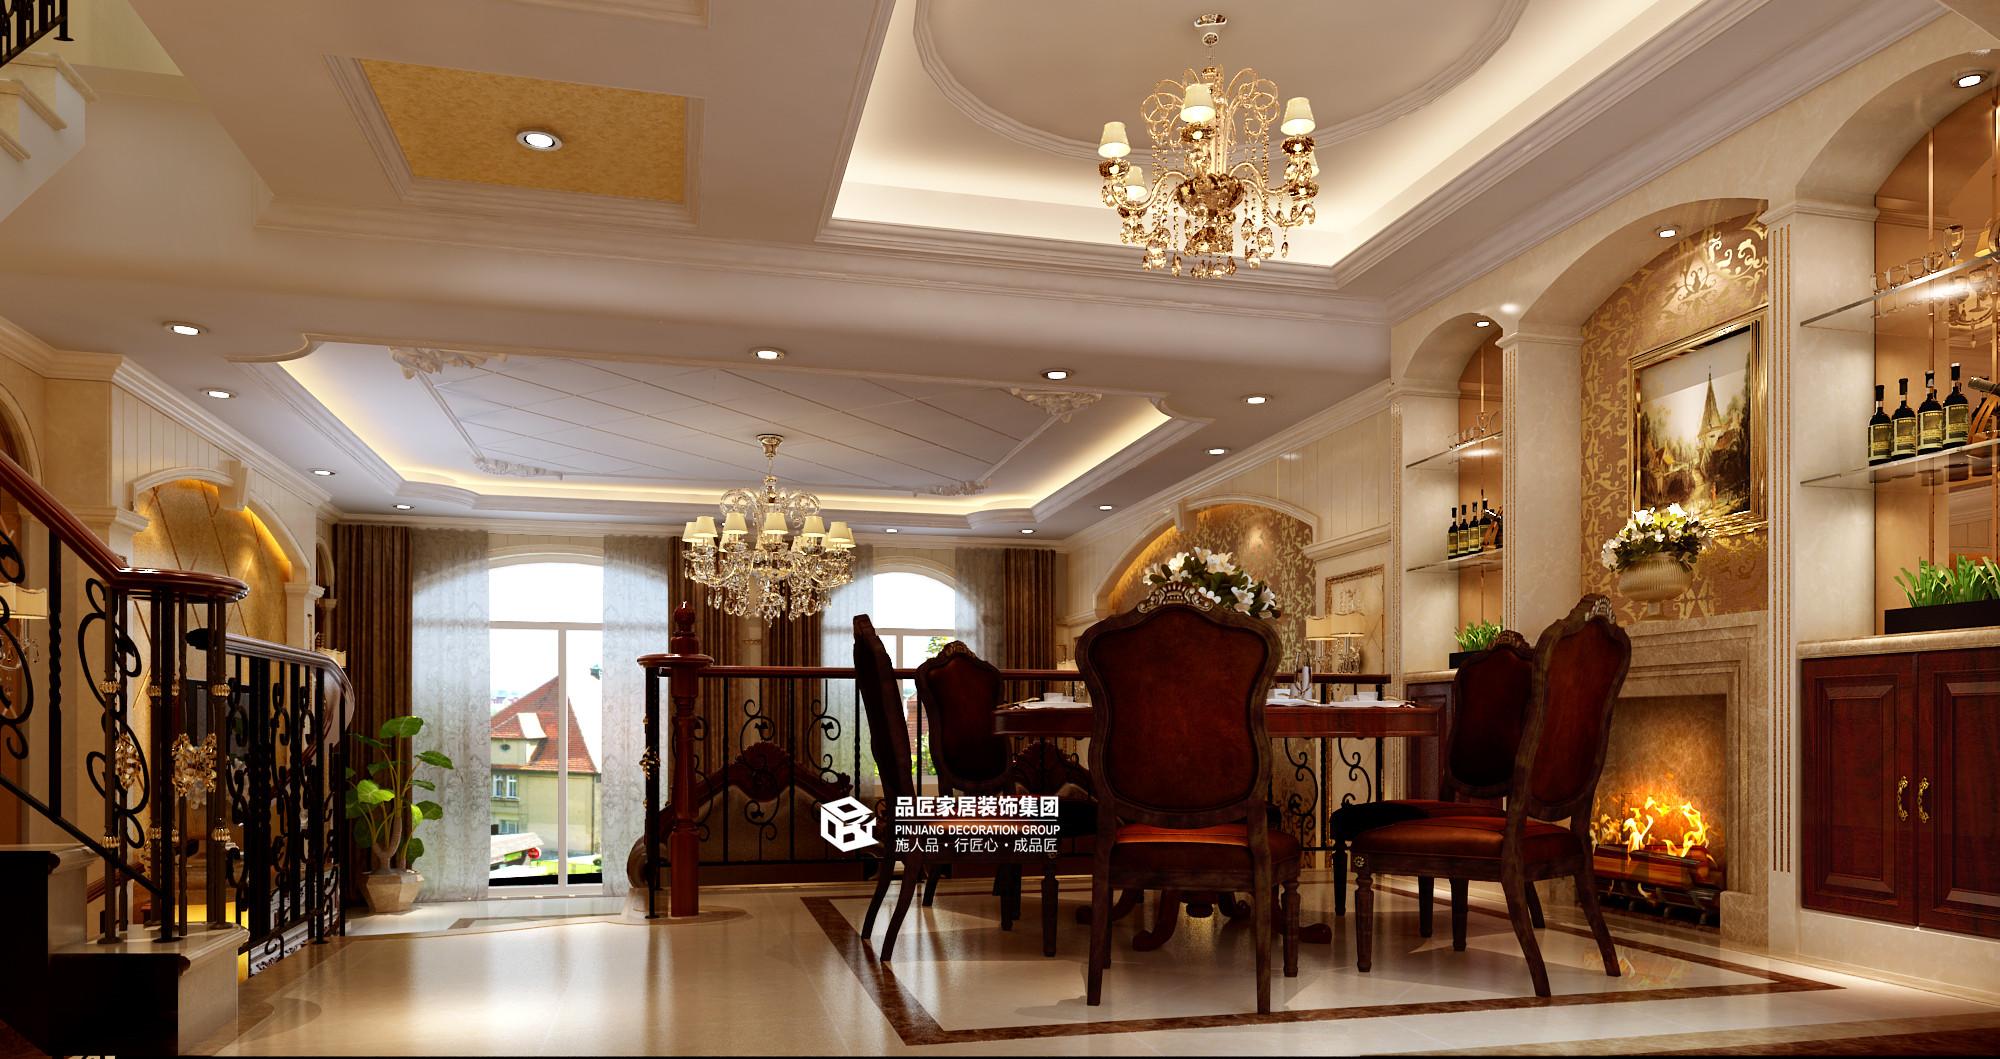 装修价格 欧式风格装 品匠装饰 凤岭世家 餐厅图片来自广西品匠装饰集团在凤岭世家简欧风格装修案例。的分享